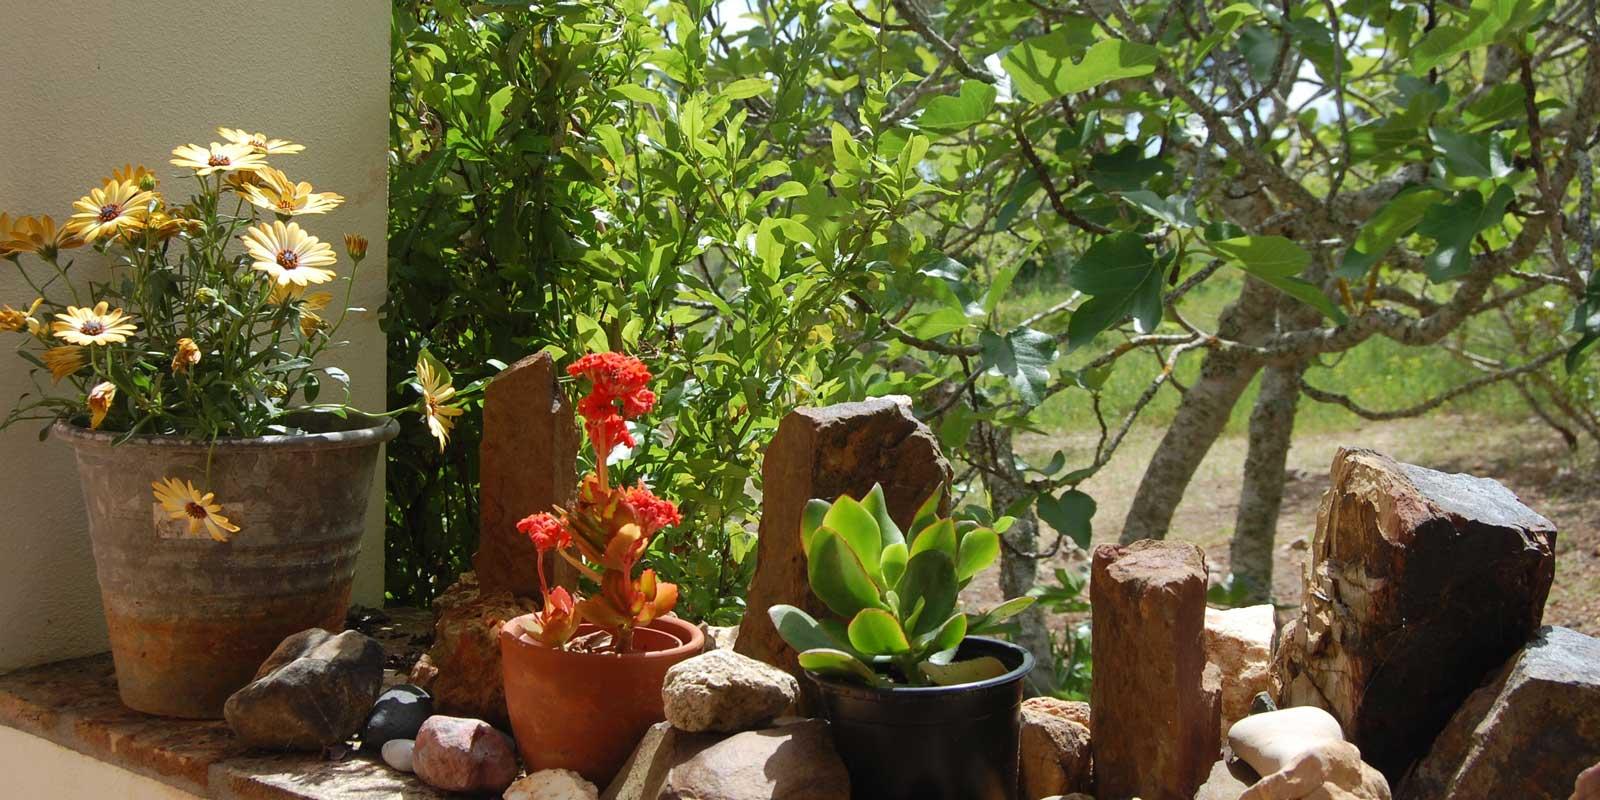 Groene planten in het vakantiehuis